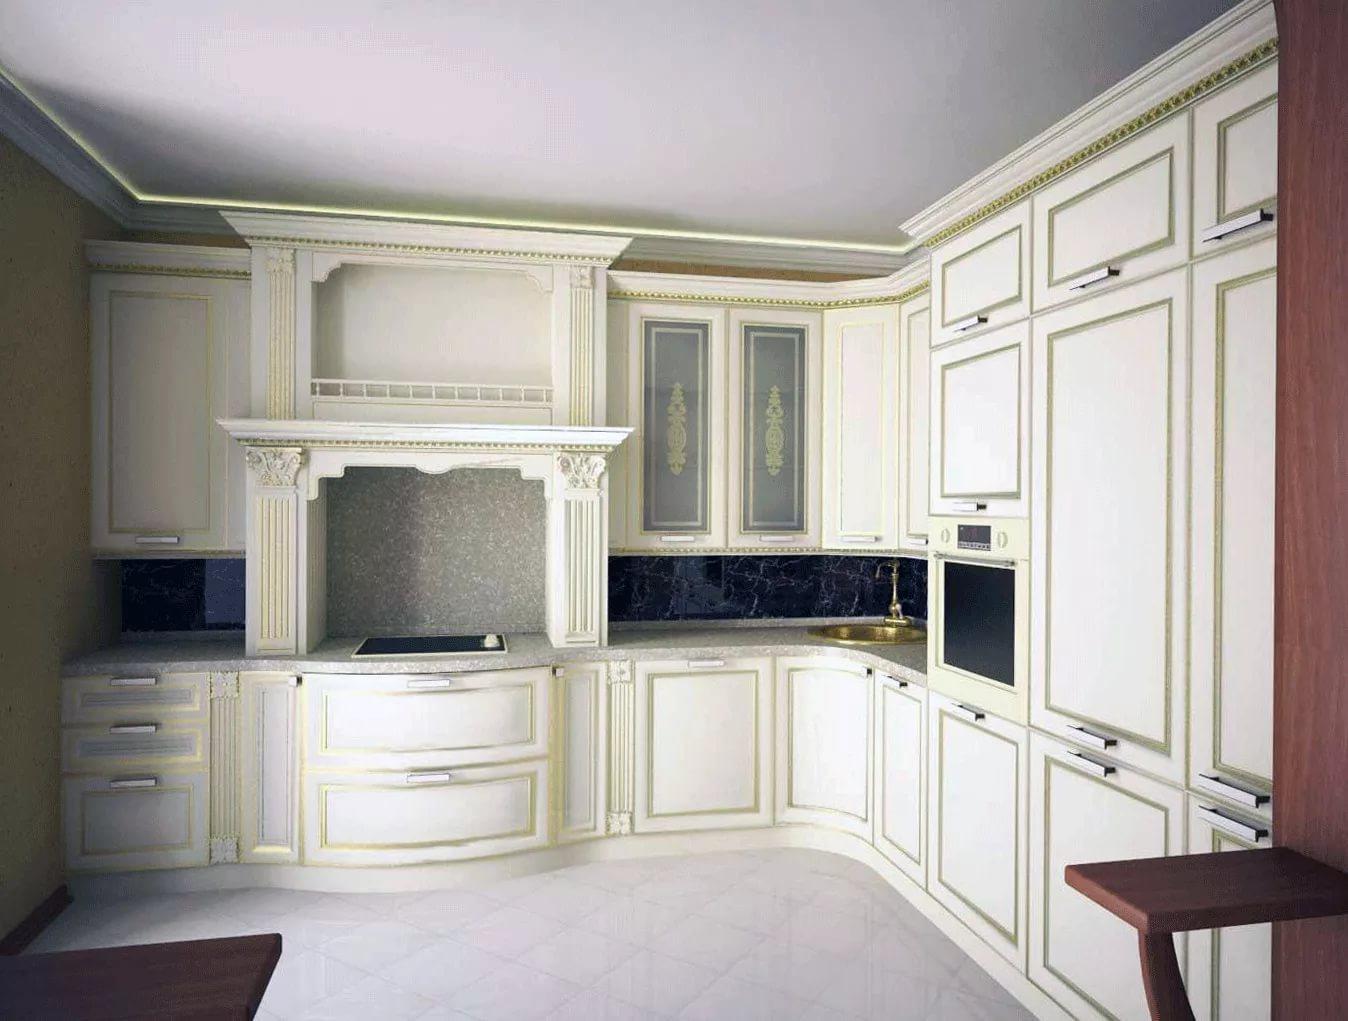 Угловая планировка на кухне 10 кв.м. в классическом стиле